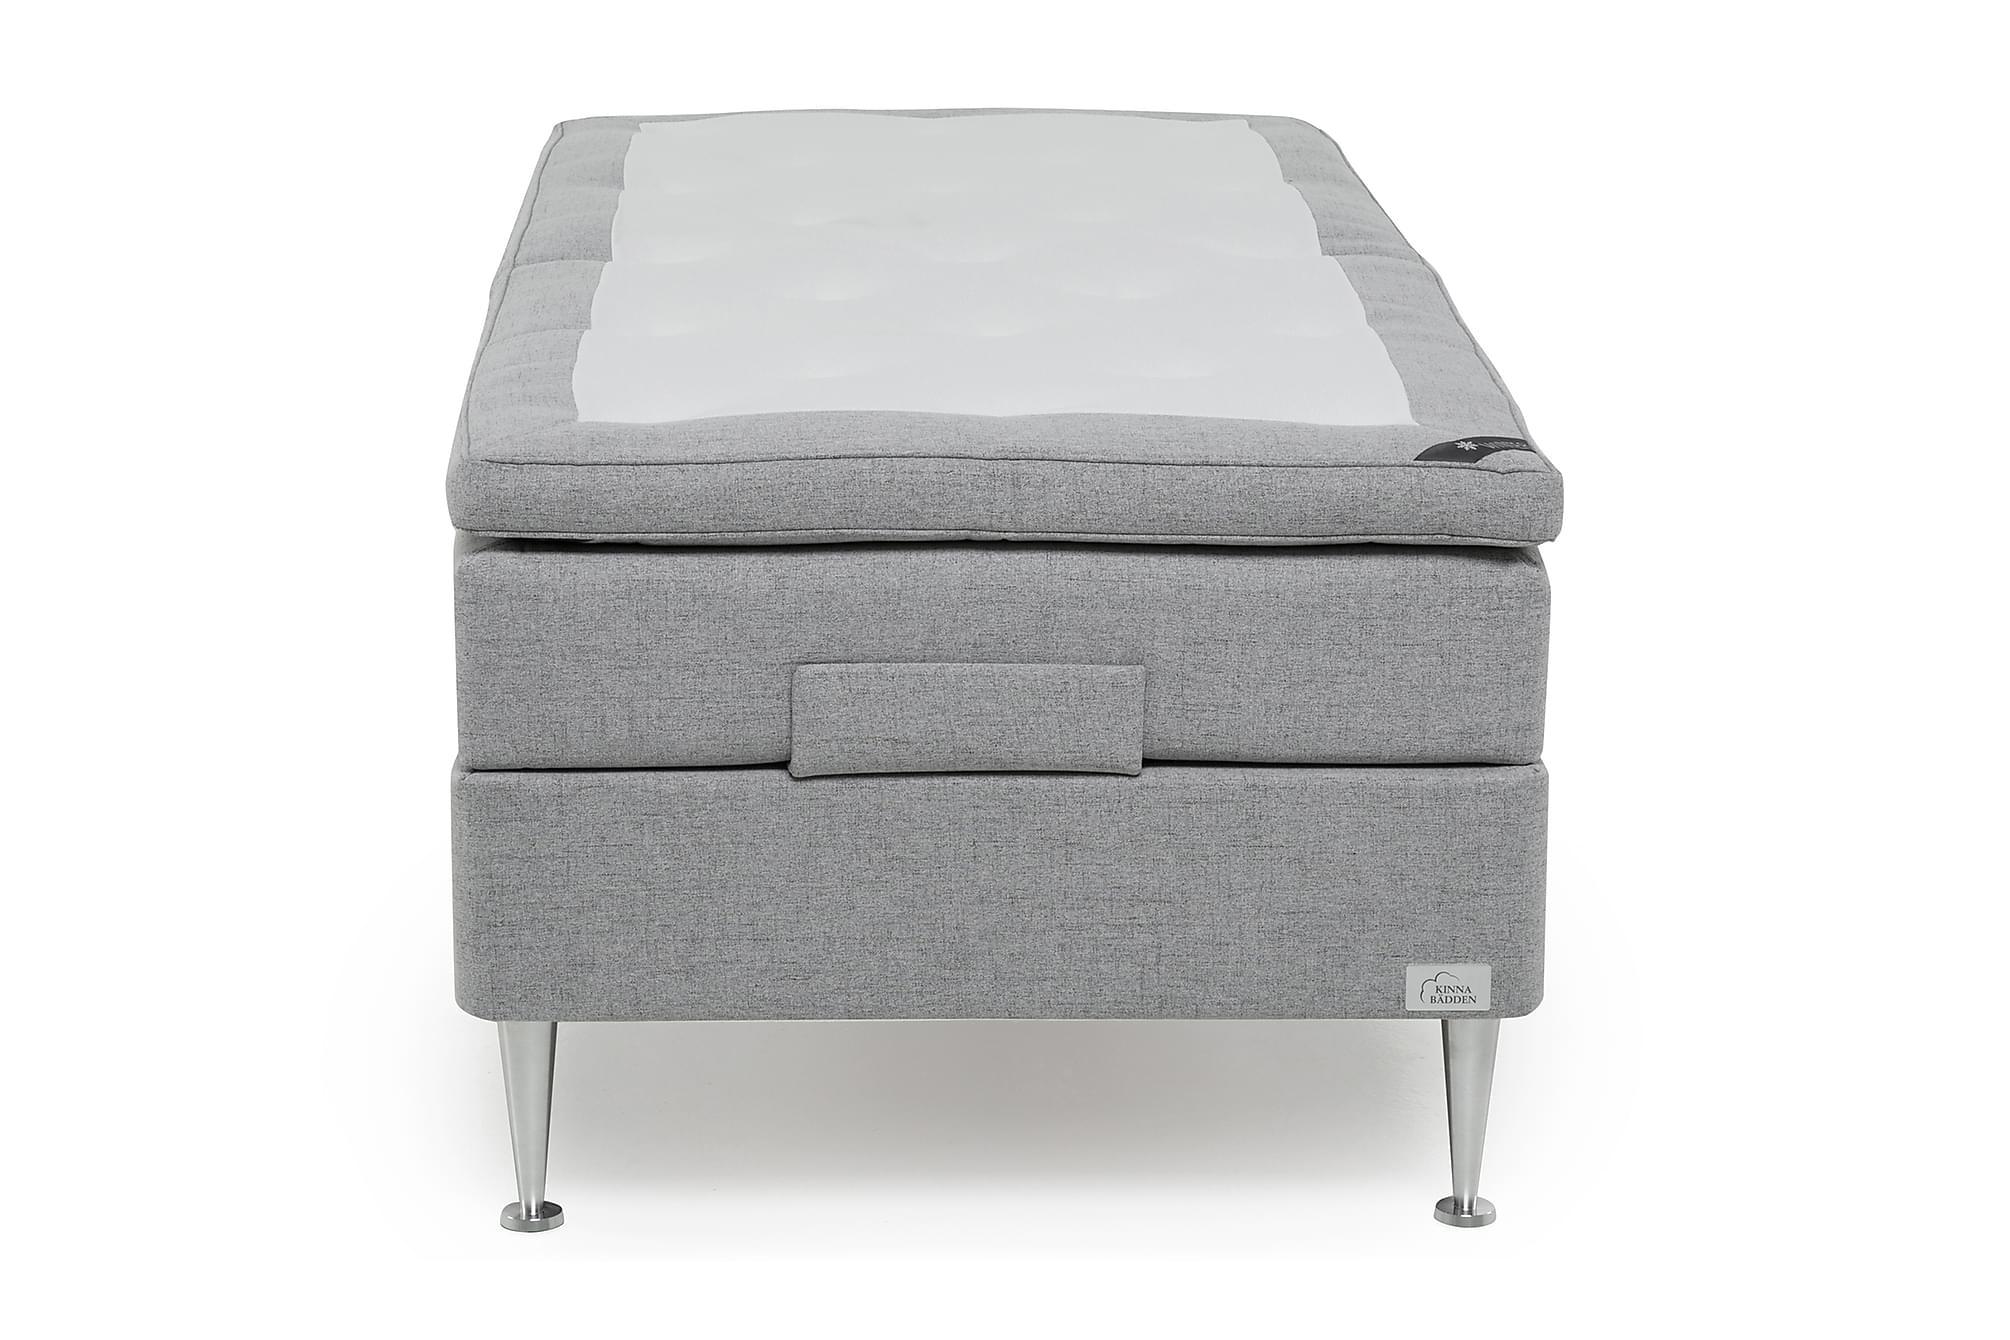 KINNABÄDDEN SAFIR Ställbar Säng 90x200 Medium, Ställbara sängar